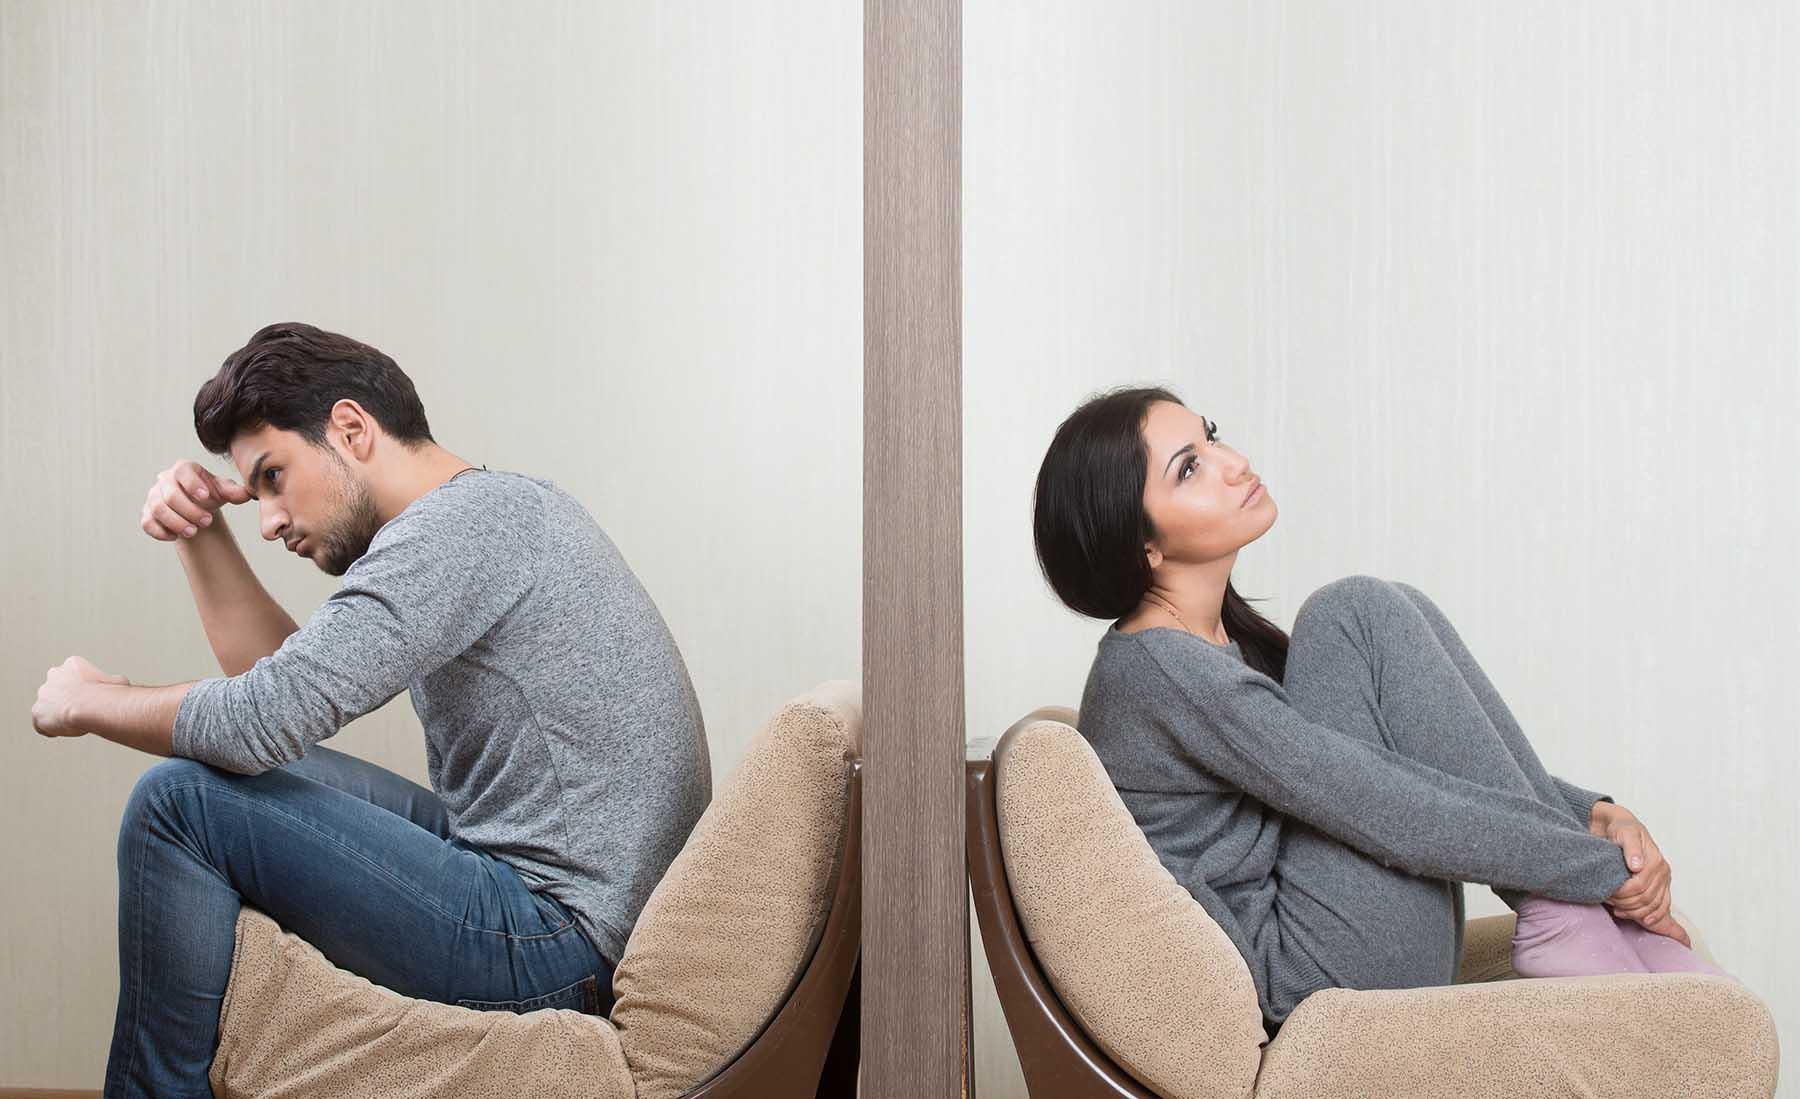 راهکارهای مدیریت بحران در زندگی مشترک